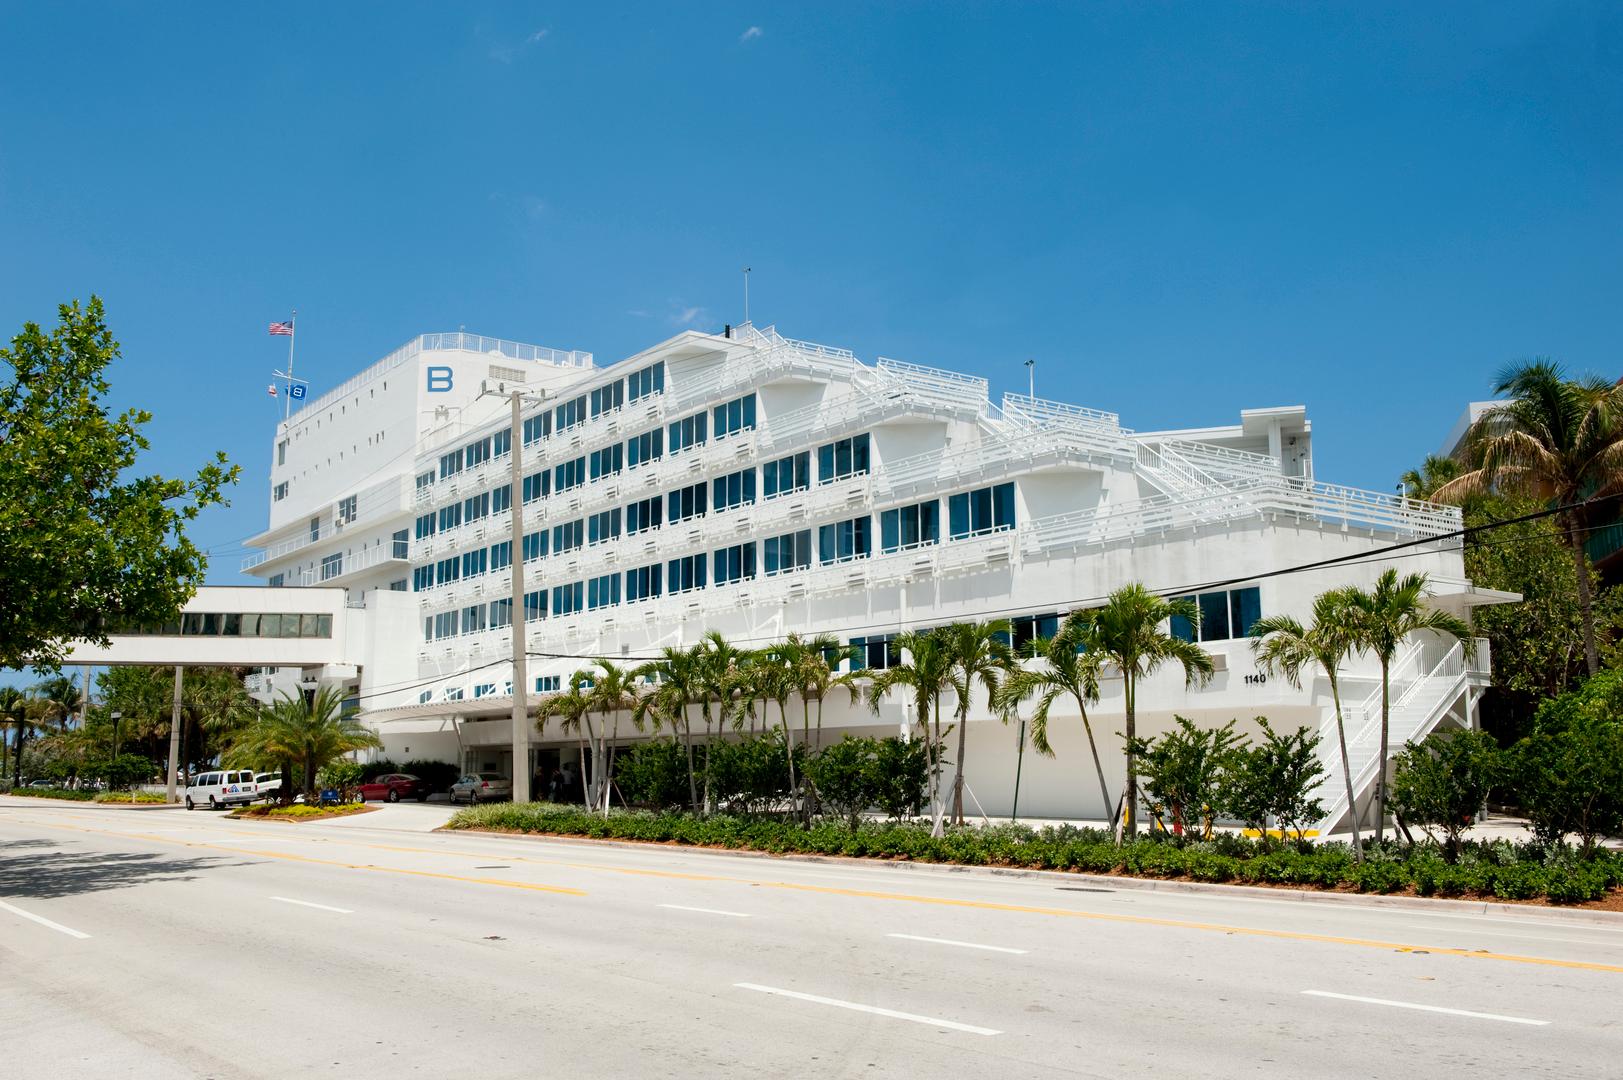 B Ocean Resort Fort Lauderdale image 0